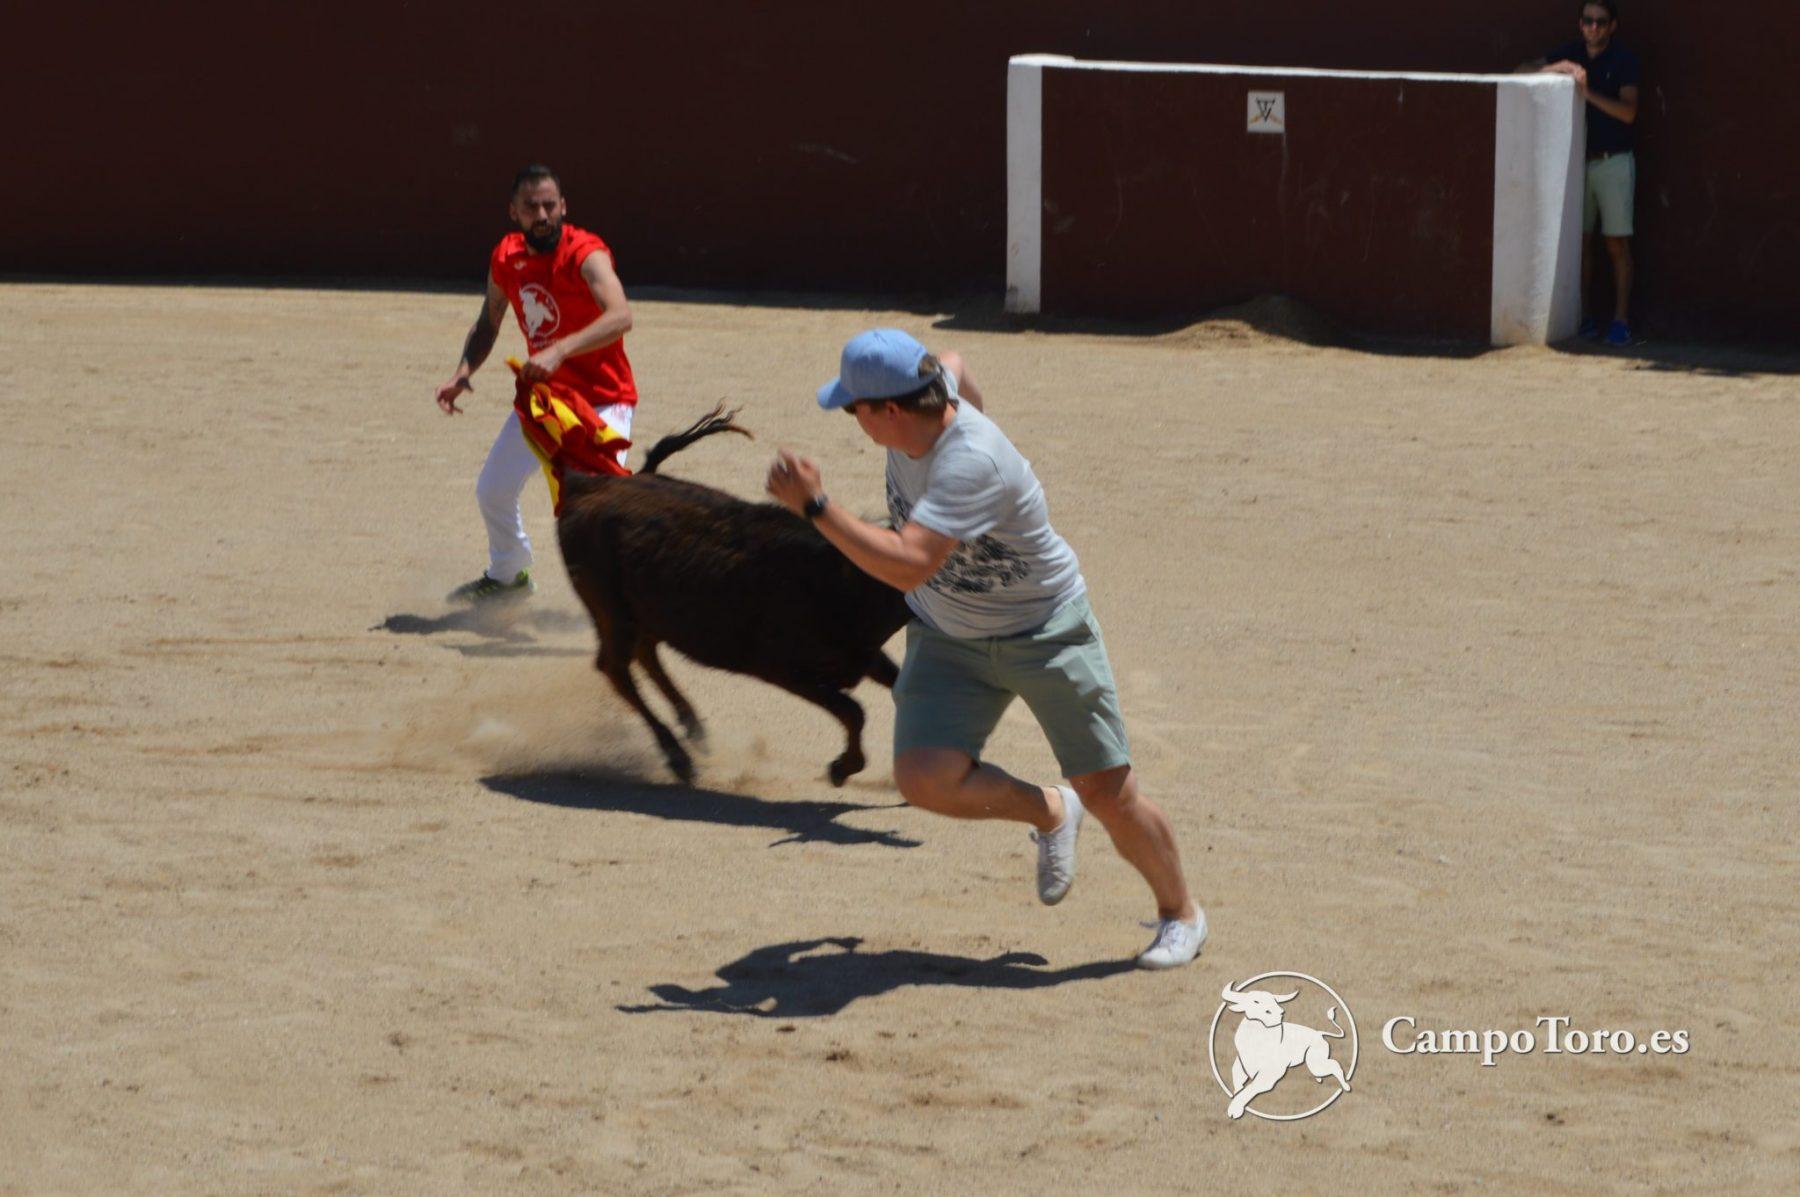 Face the bull